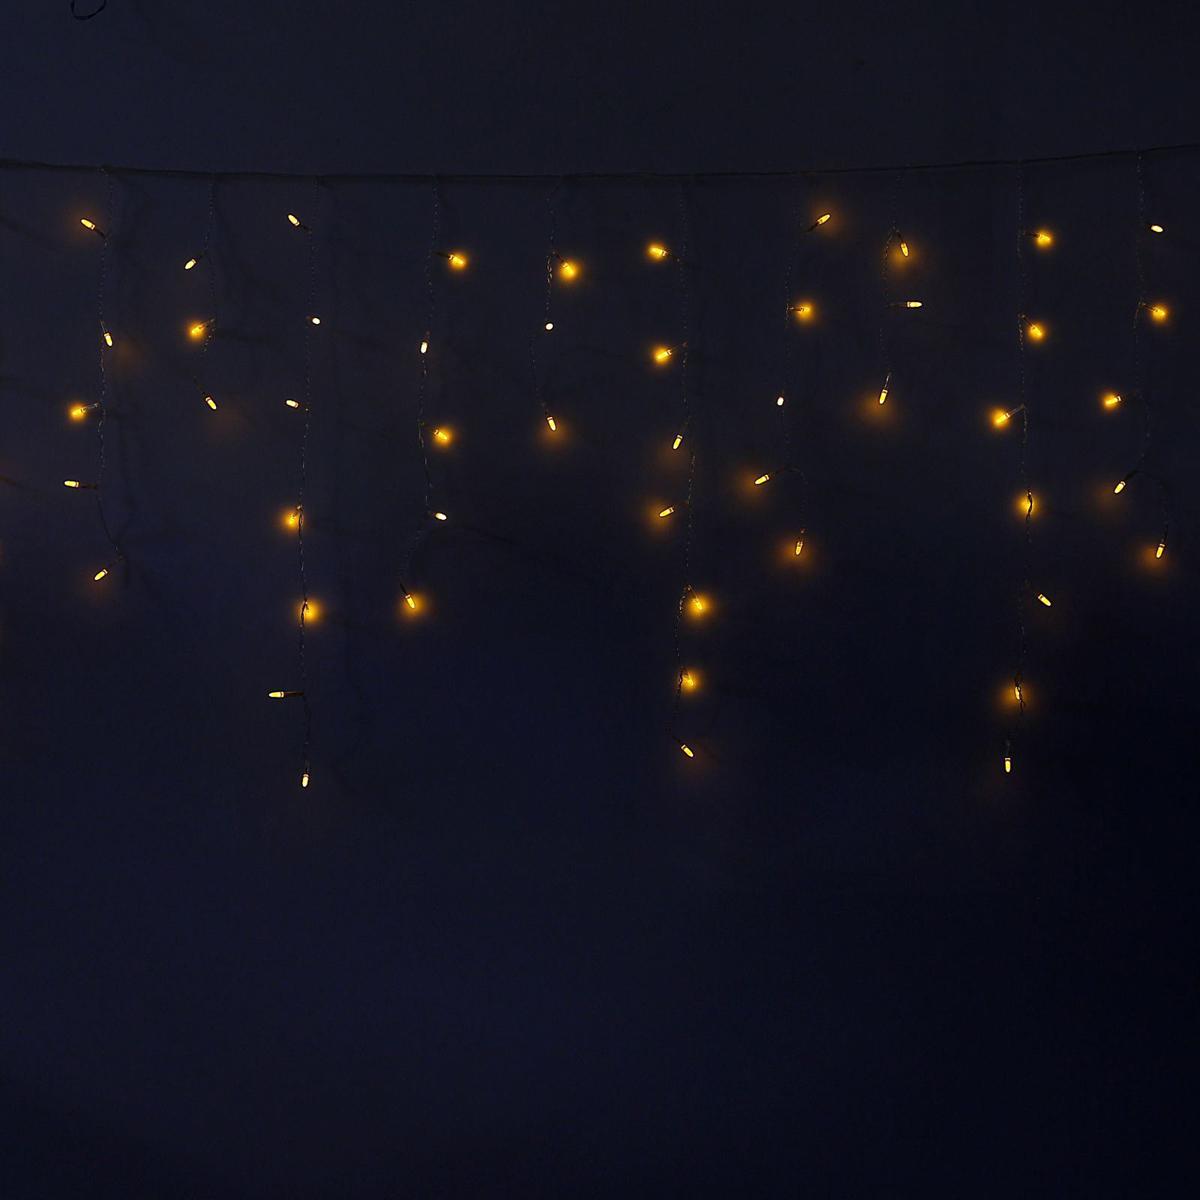 Гирлянда светодиодная Luazon Бахрома. Игла, 8 режимов, 60 ламп, 220 V, цвет: желтый, 1,2 х 0,6 м. 10805351080535Светодиодные гирлянды, ленты и т.д — это отличный вариант для новогоднего оформления интерьера или фасада. С их помощью помещение любого размера можно превратить в праздничный зал, а внешние элементы зданий, украшенные ими, мгновенно станут напоминать очертания сказочного дворца. Такие украшения создают ауру предвкушения чуда. Деревья, фасады, витрины, окна и арки будто специально созданы, чтобы вы украсили их светящимися нитями.